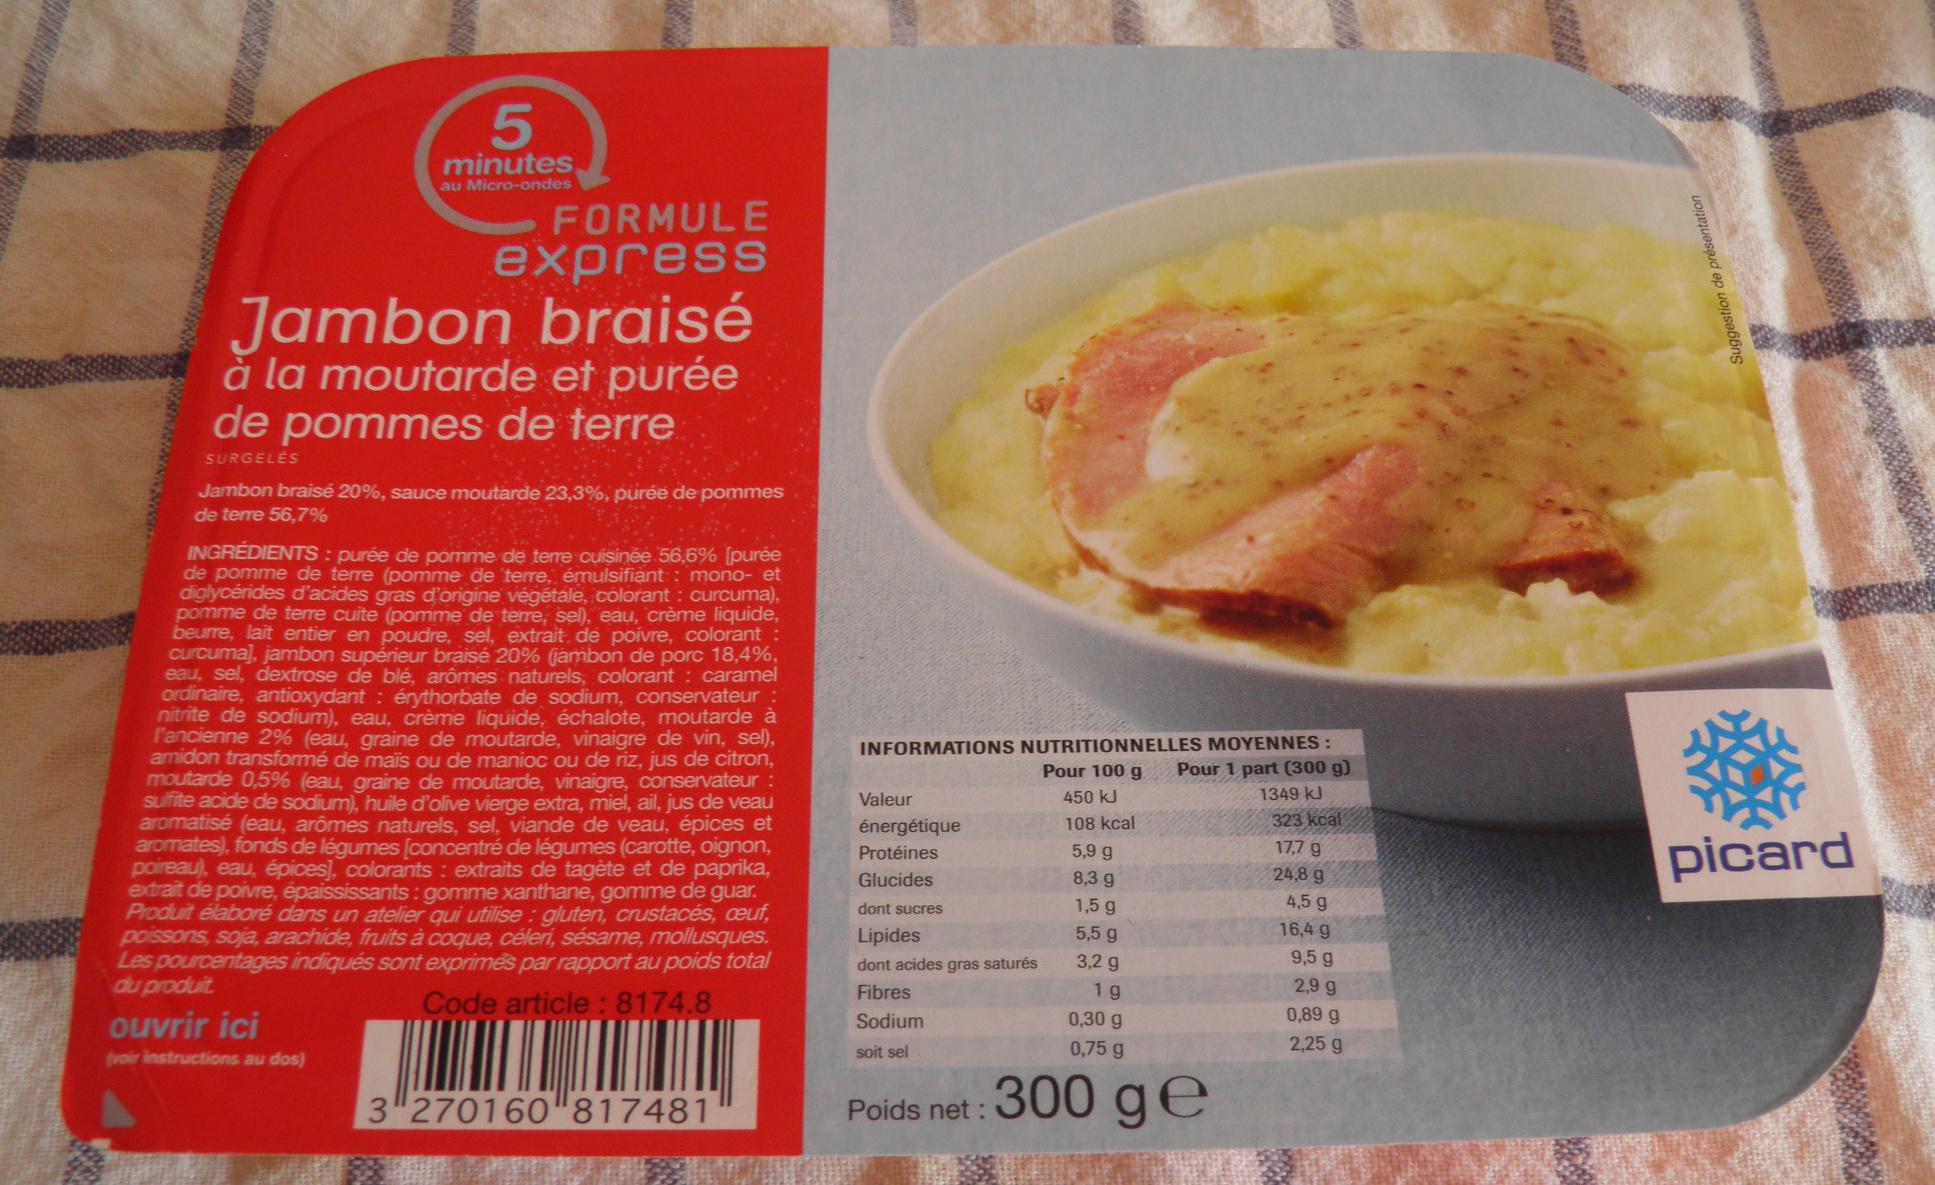 Formule express Jambon braisé à la moutarde de purée de pommes de terre Picard - Product